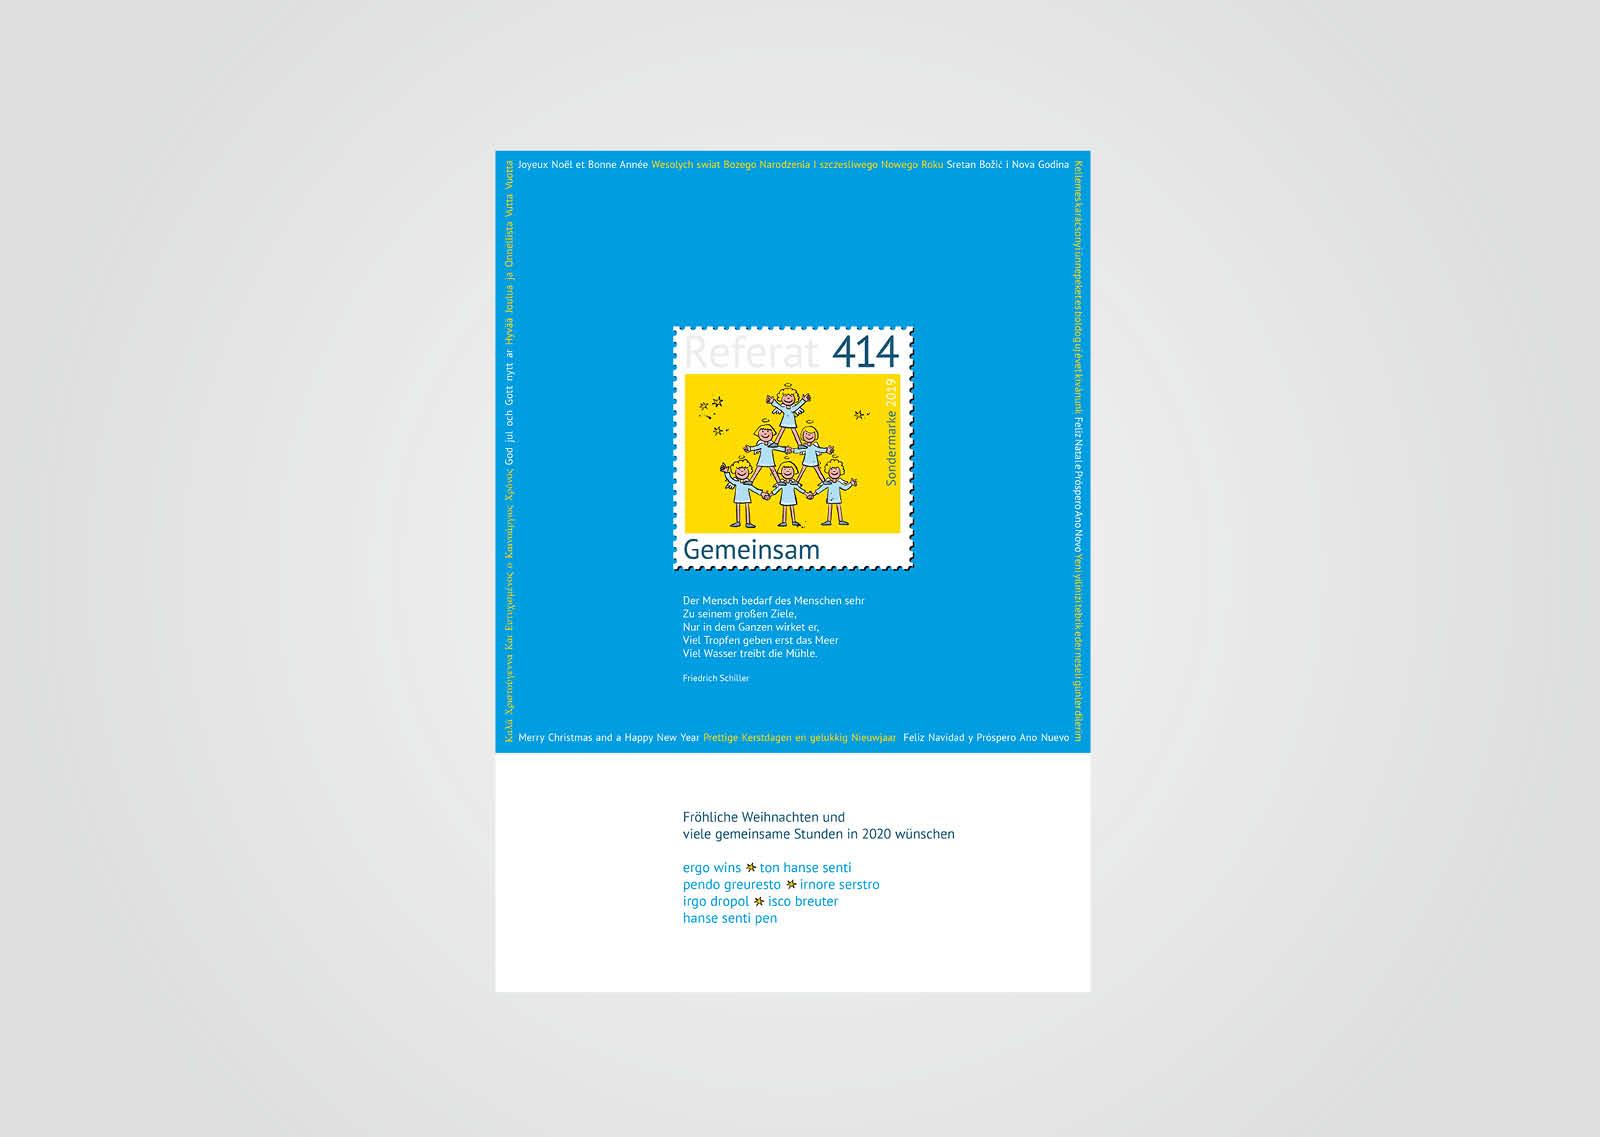 ministerium-bildung-nrw-weihnachtsgruss-illustration-07.jpg